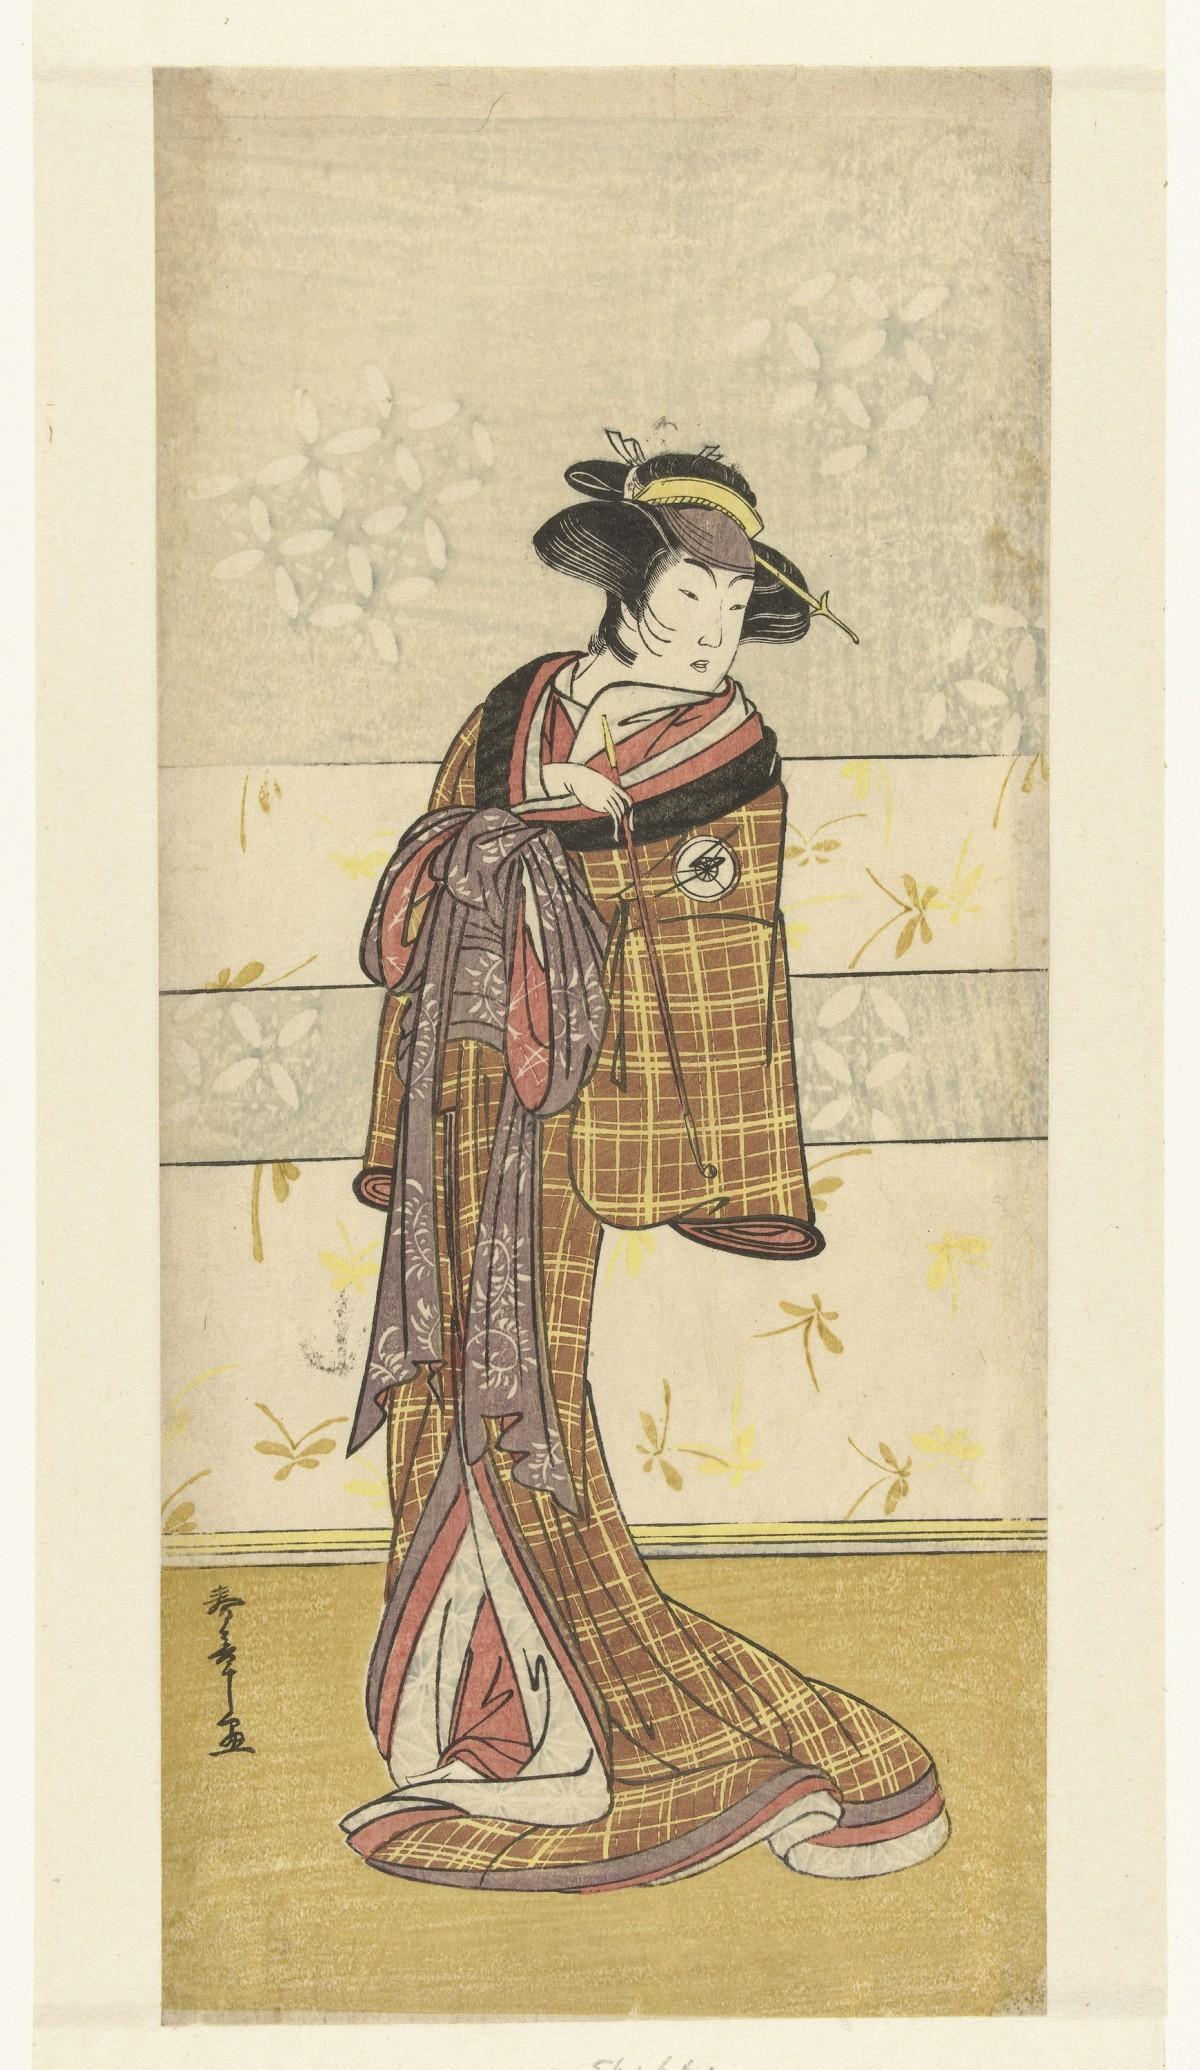 무료 이미지 : 물, 여자, 꽃, 자연스러운, 아시아, 직업, 화려한 ...